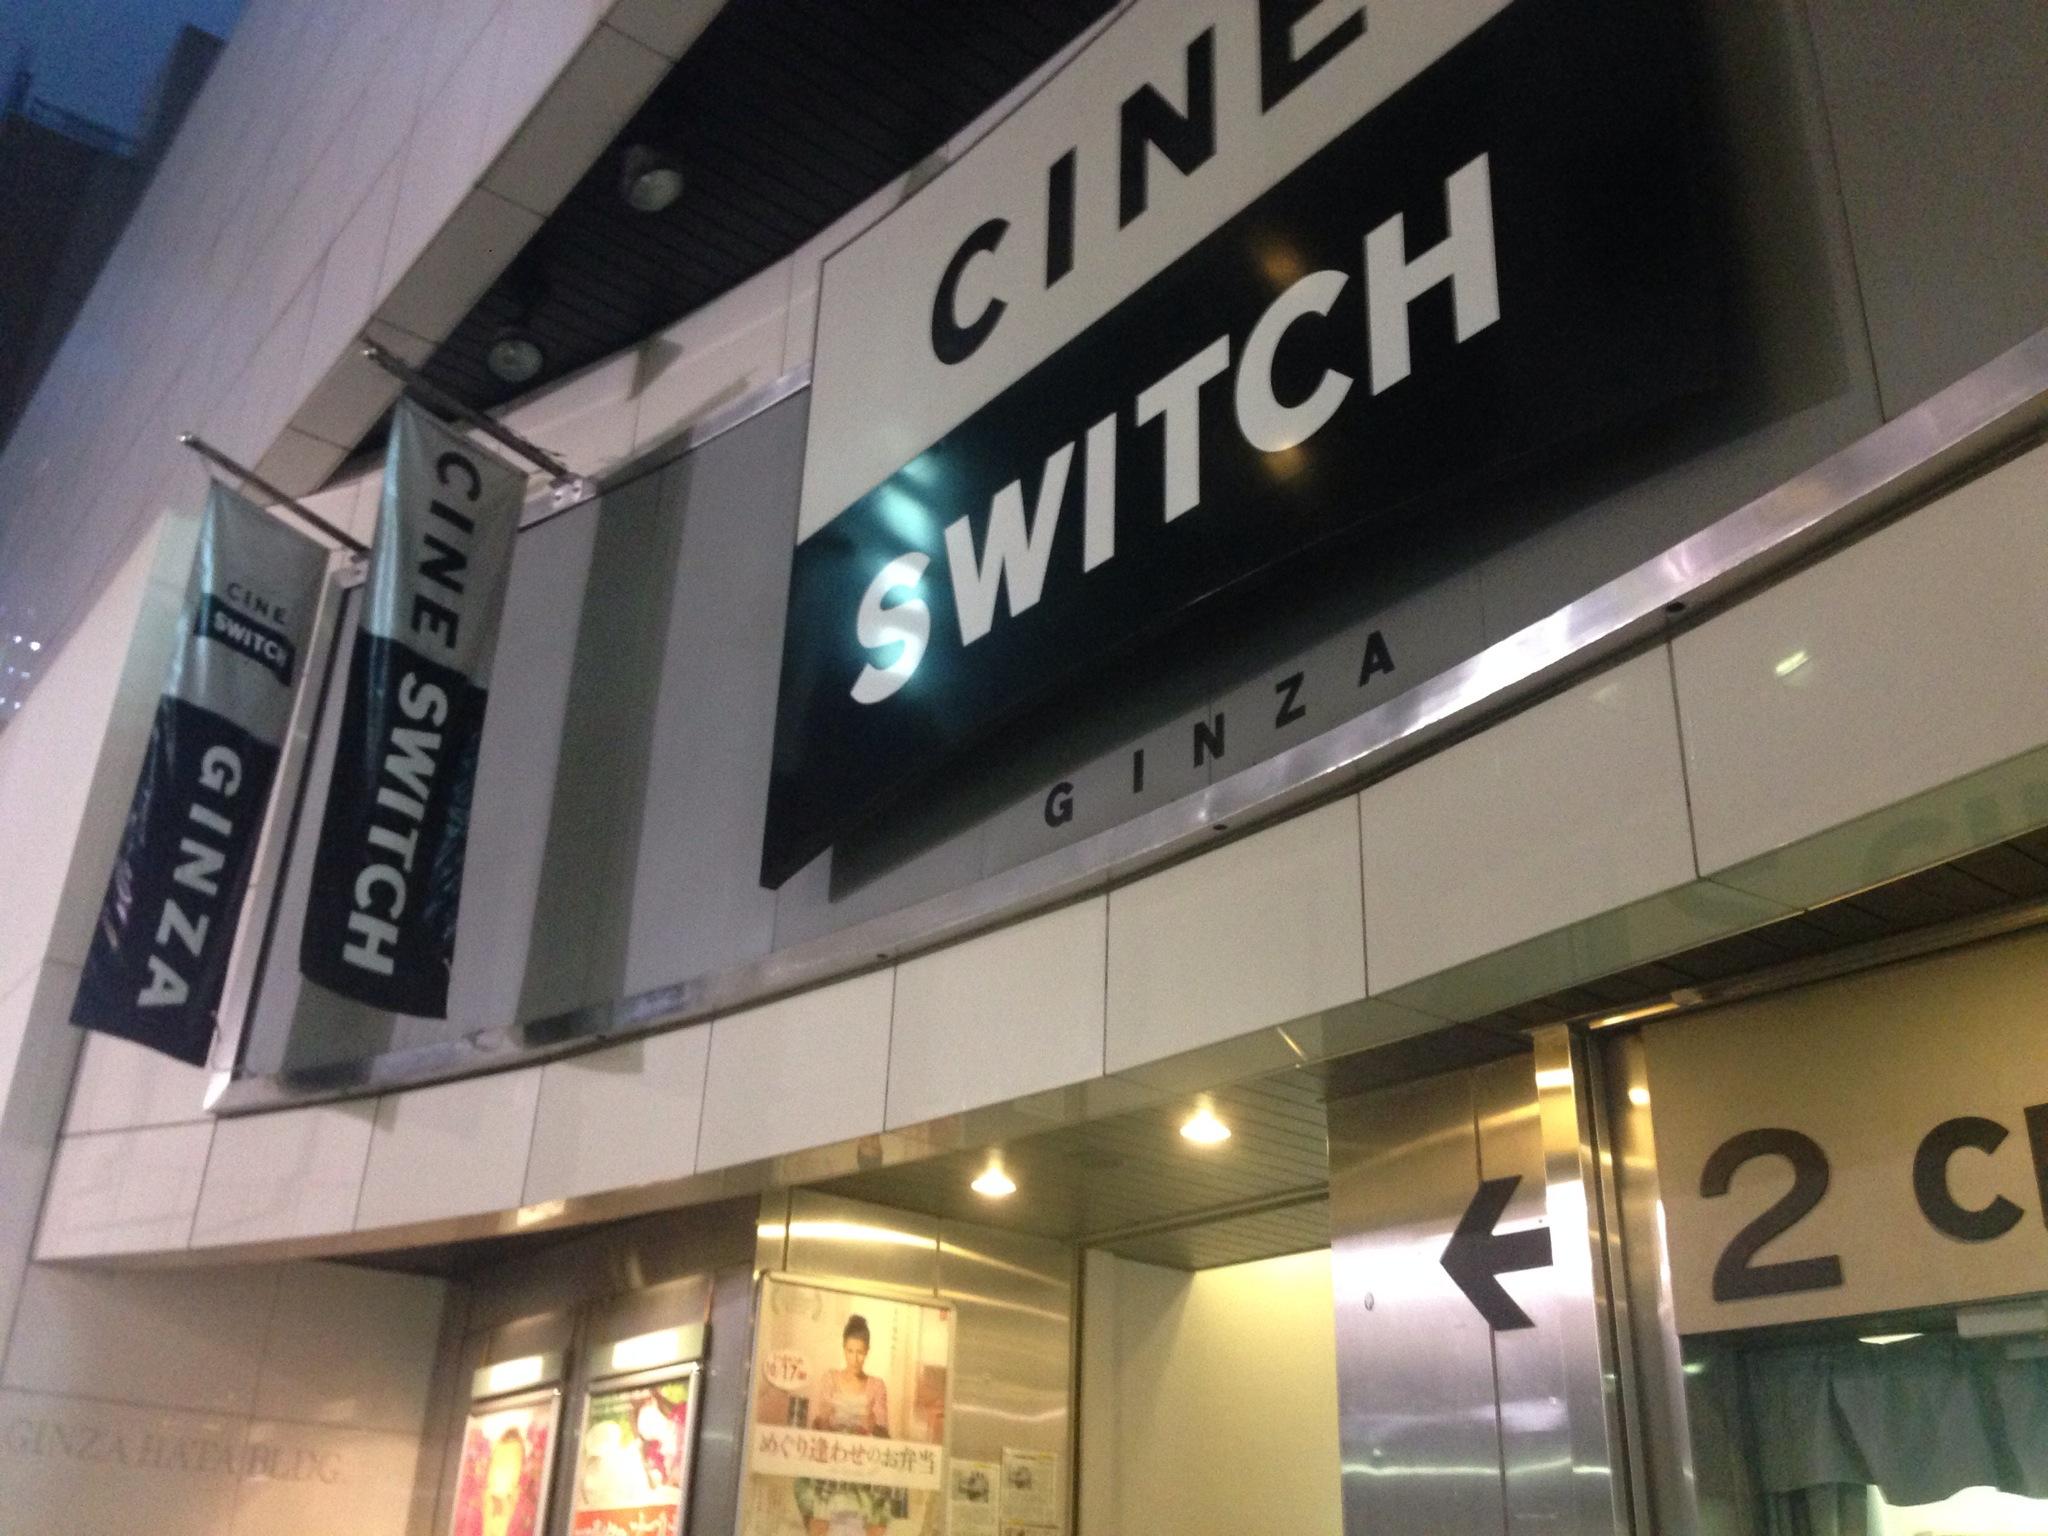 第4回「シネスイッチ銀座」〜写真で楽しむヒガシアターとっておき映画館〜